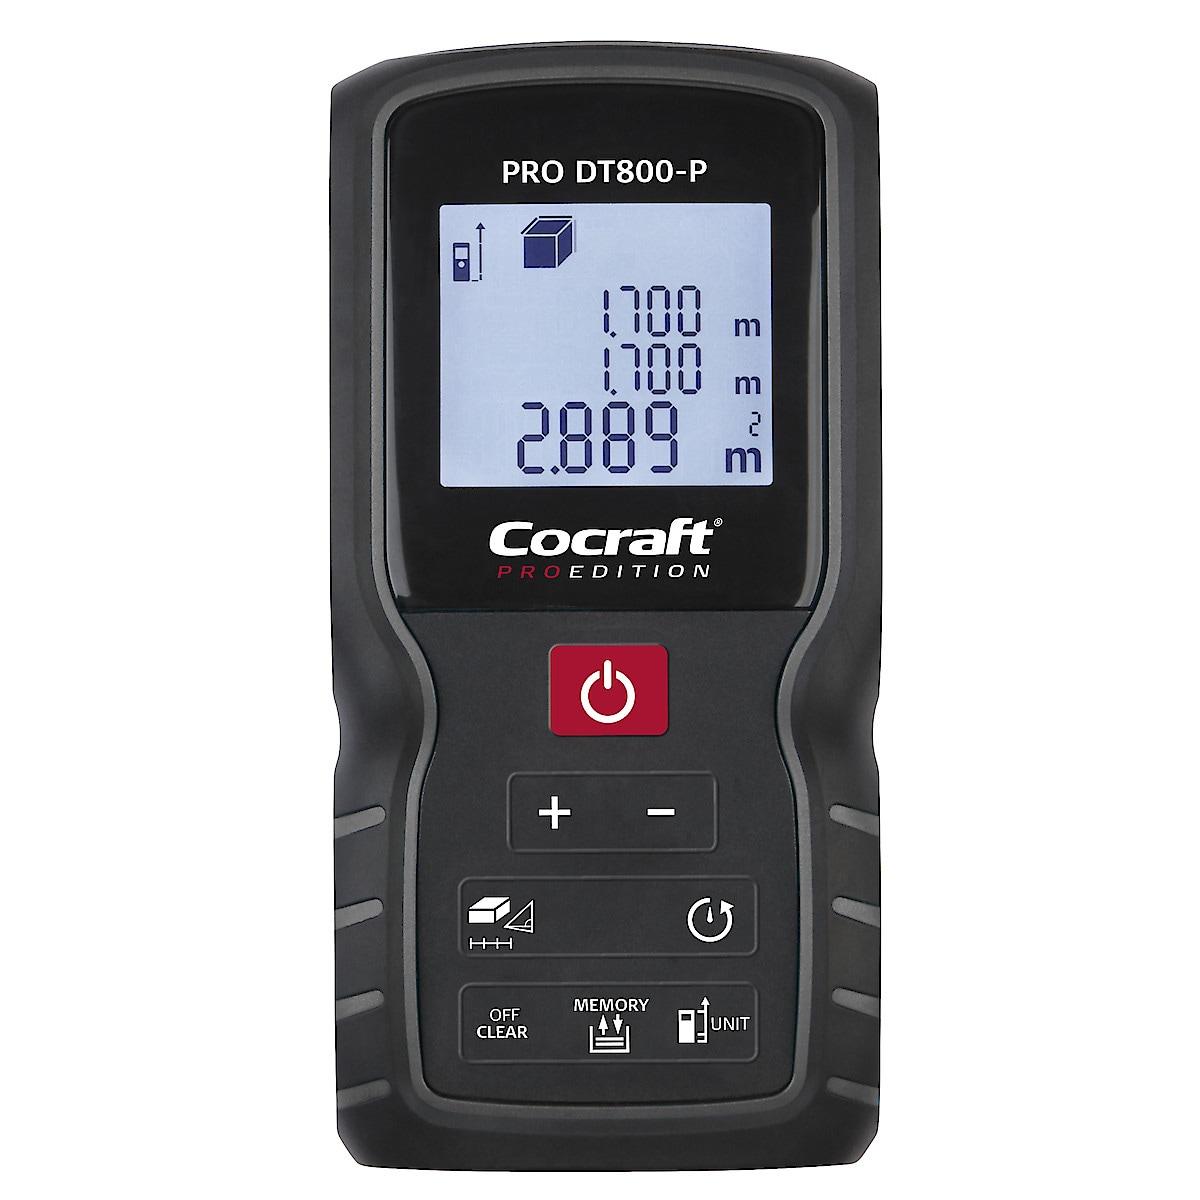 Etäisyysmittari Cocraft PRO Edition DT800-P